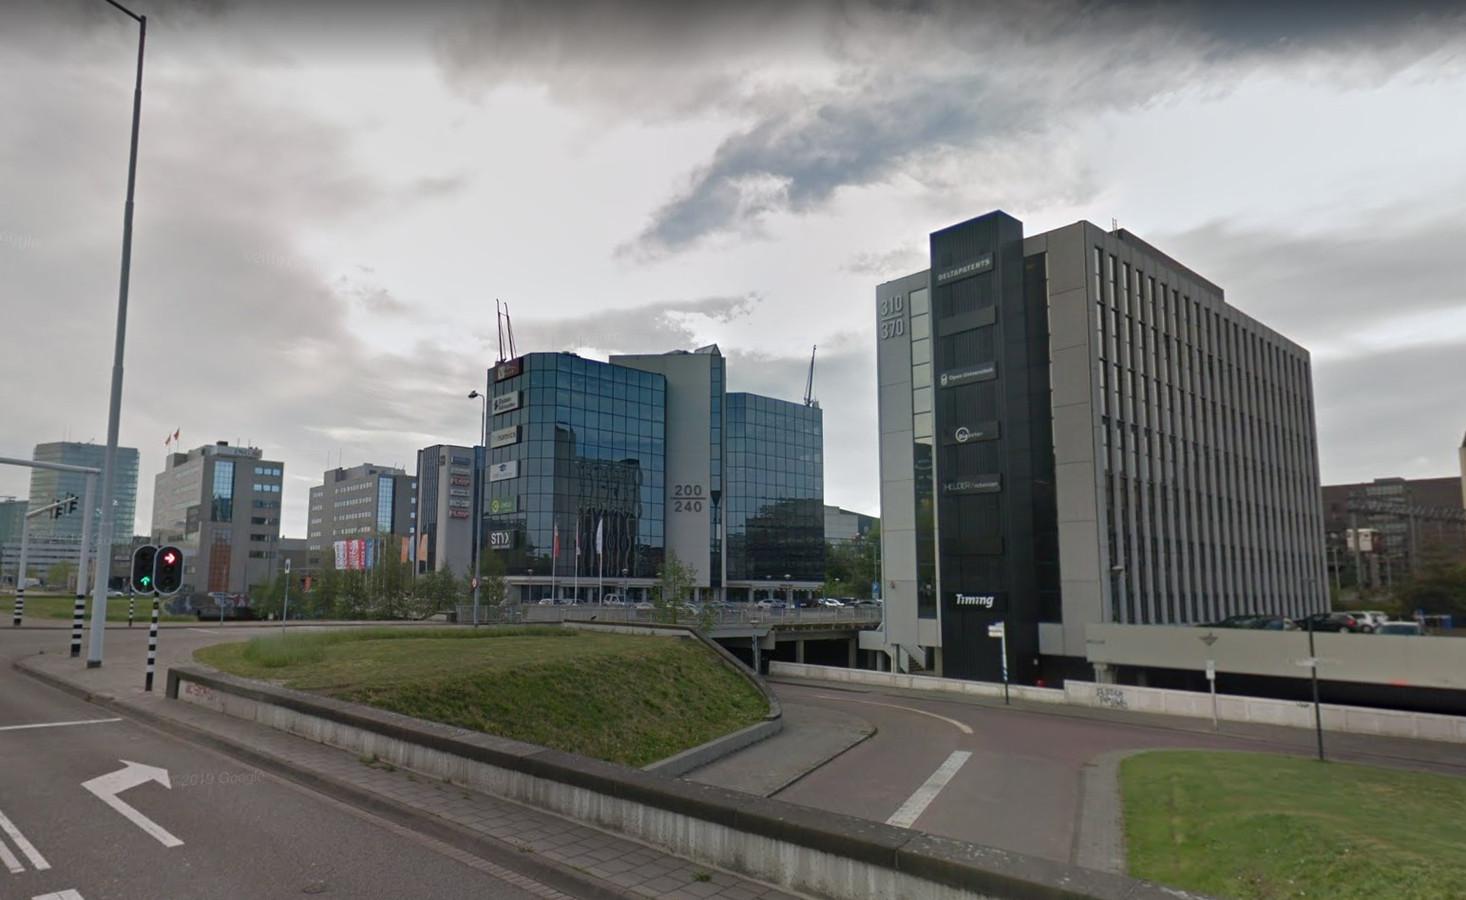 De Spoortoren van NSI aan de Fellenoord in Eindhoven en verderop de kantoortoren aan het Schimmelt zijn twee voorbeelden van succesvol opgeknapte én verhuurde bedrijfsgebouwen.